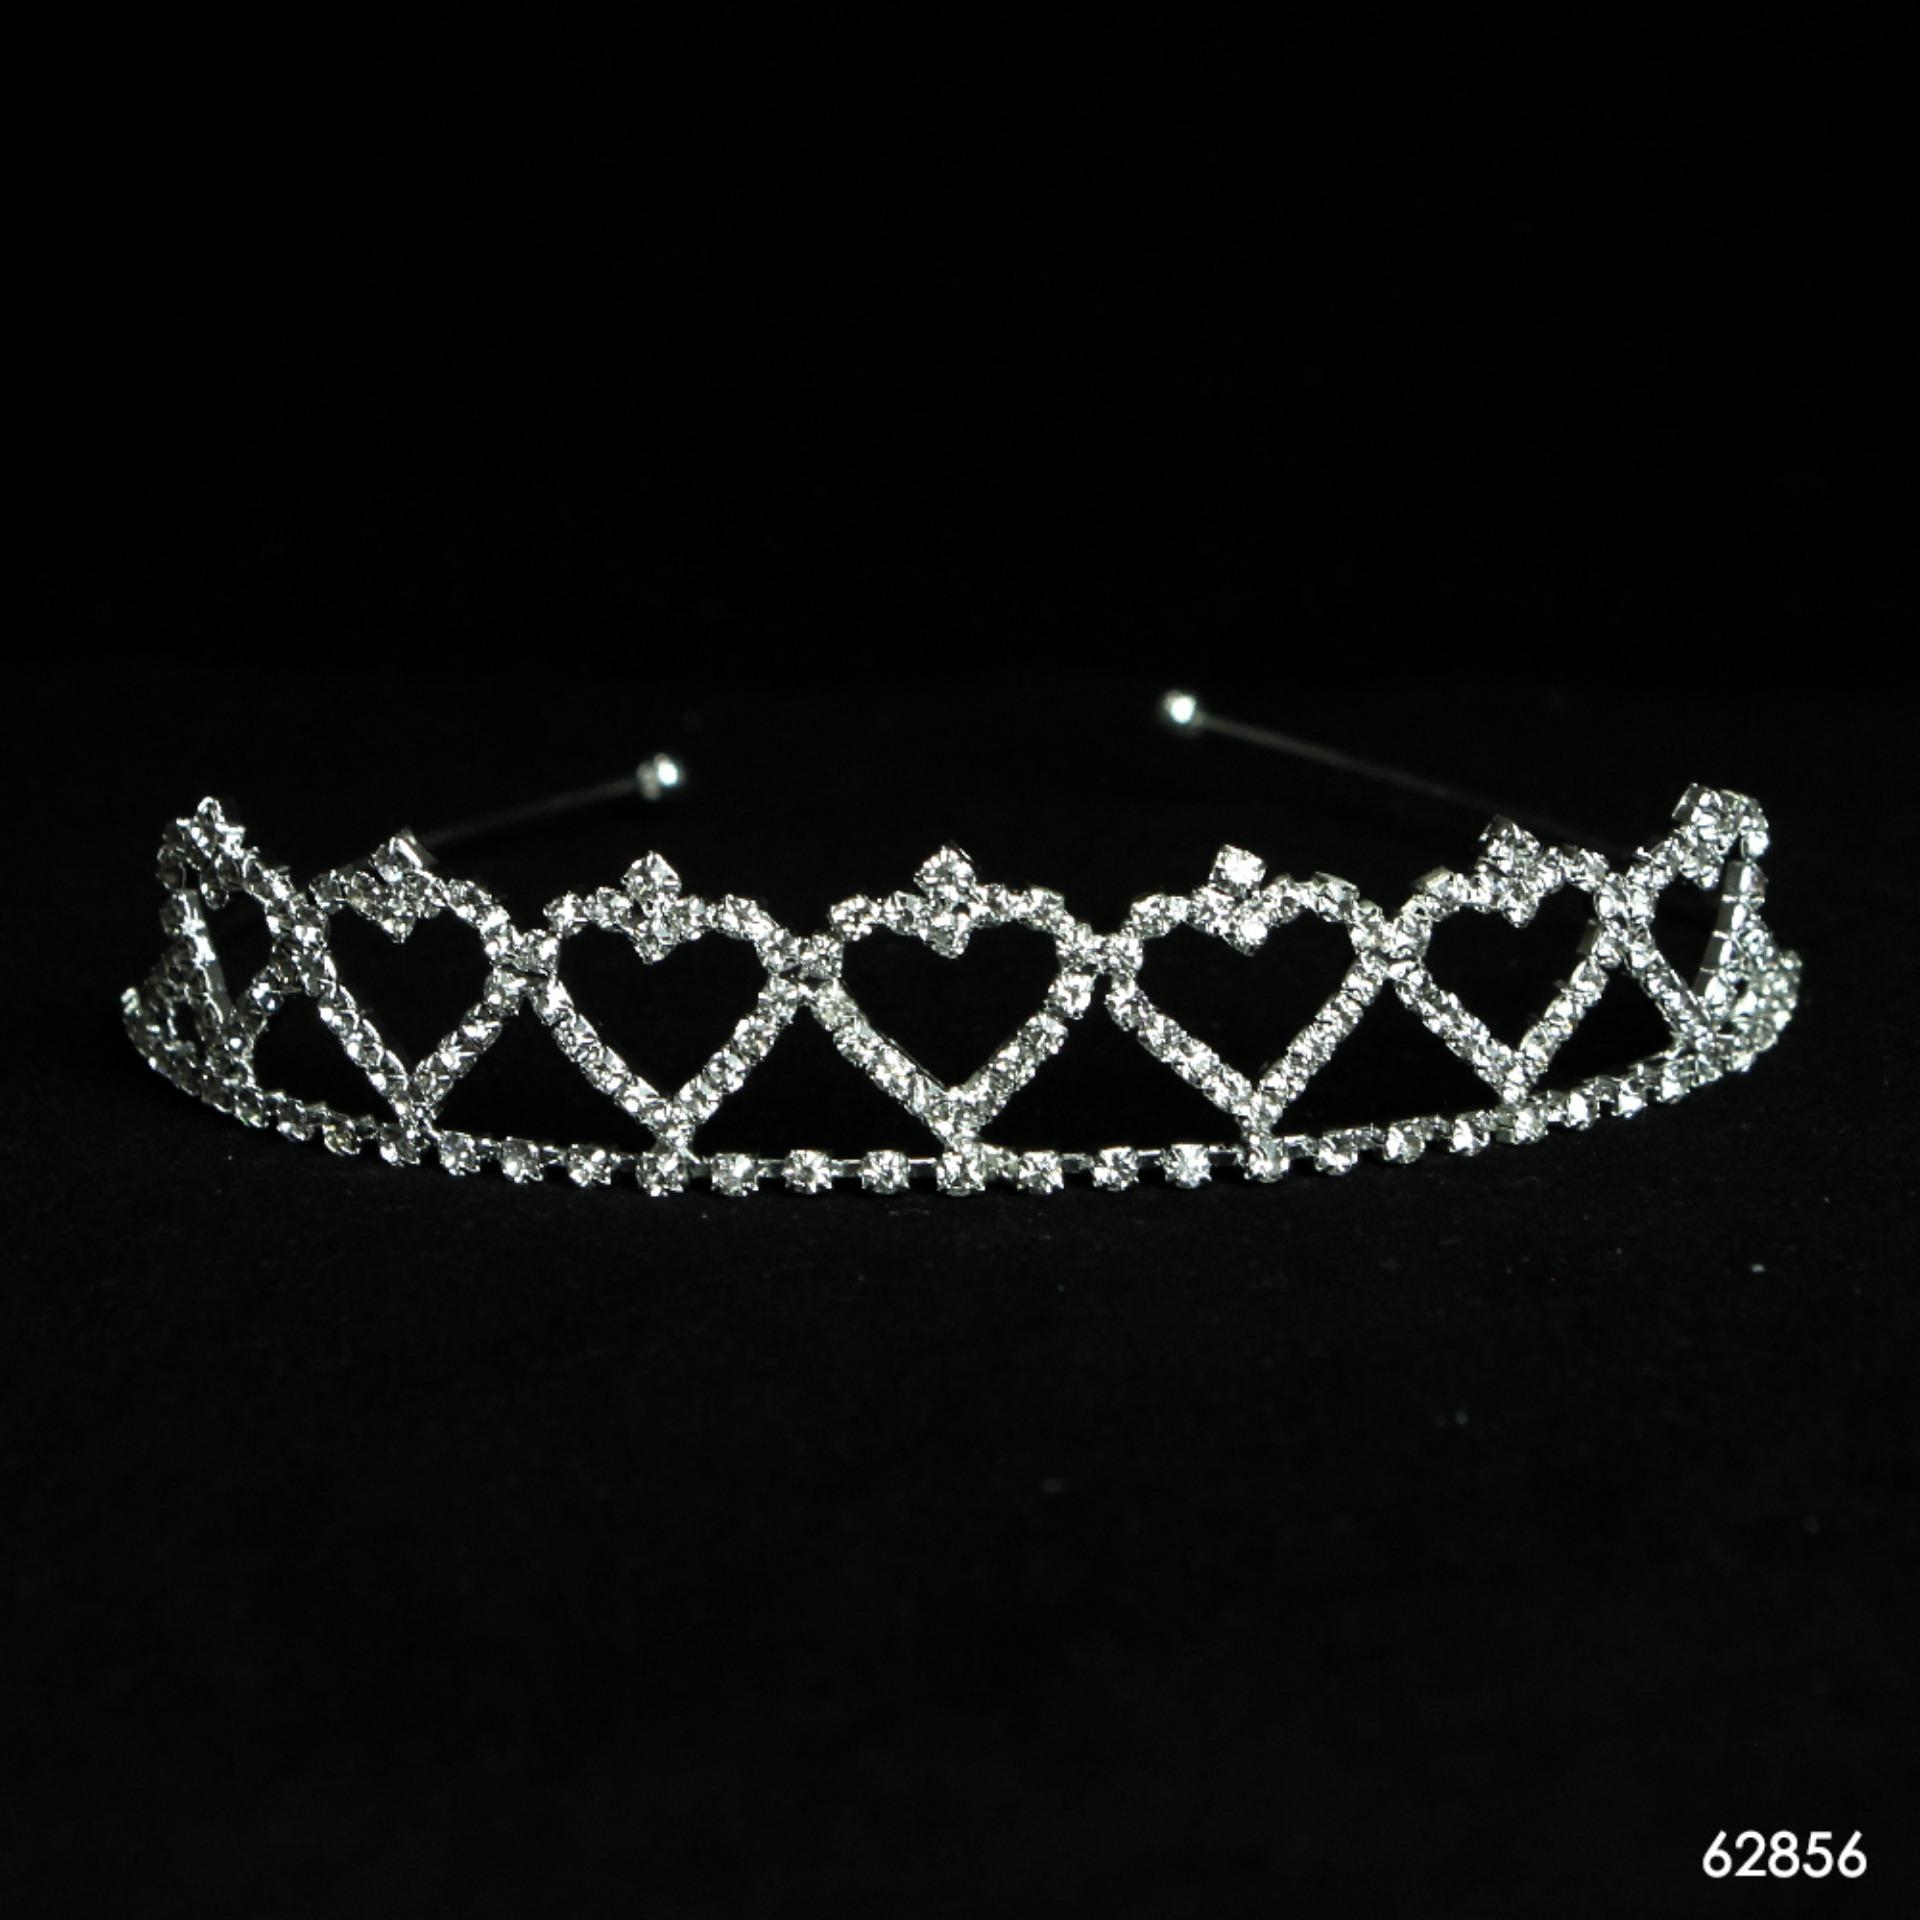 Rambut Pengantin Pernikahan Putri Tiara Jilbab Bando Kristal Mahkota ... - image. Source